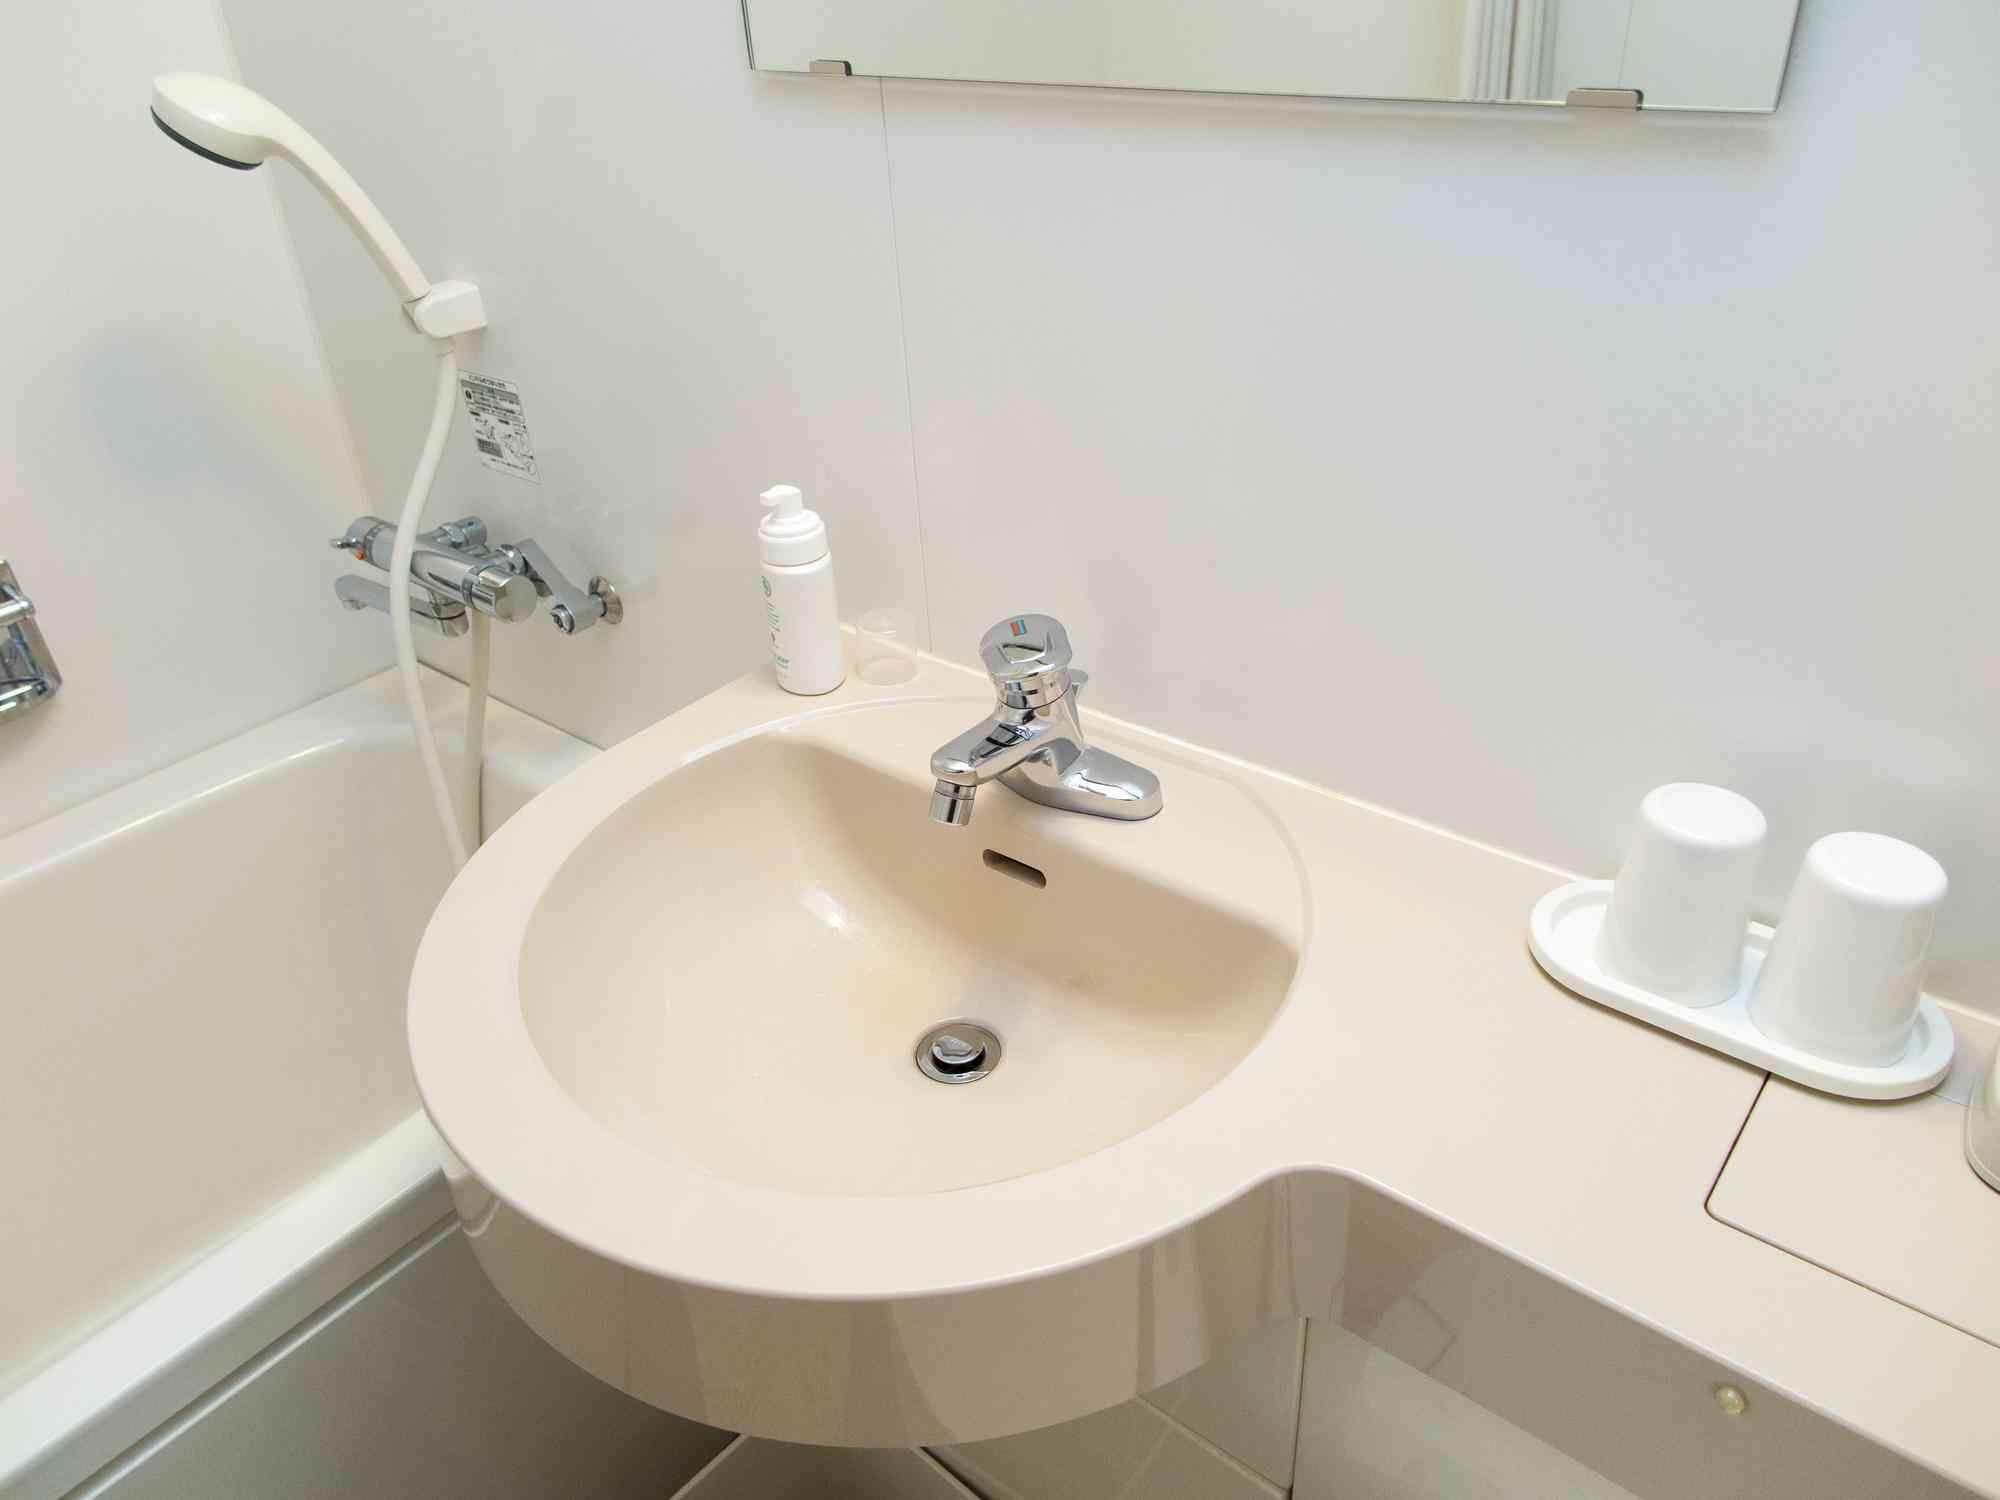 ハードル高すぎる…「共有されすぎた」風呂・トイレ物件8選【間取り図大好き!】 - Ameba News [アメーバニュース]